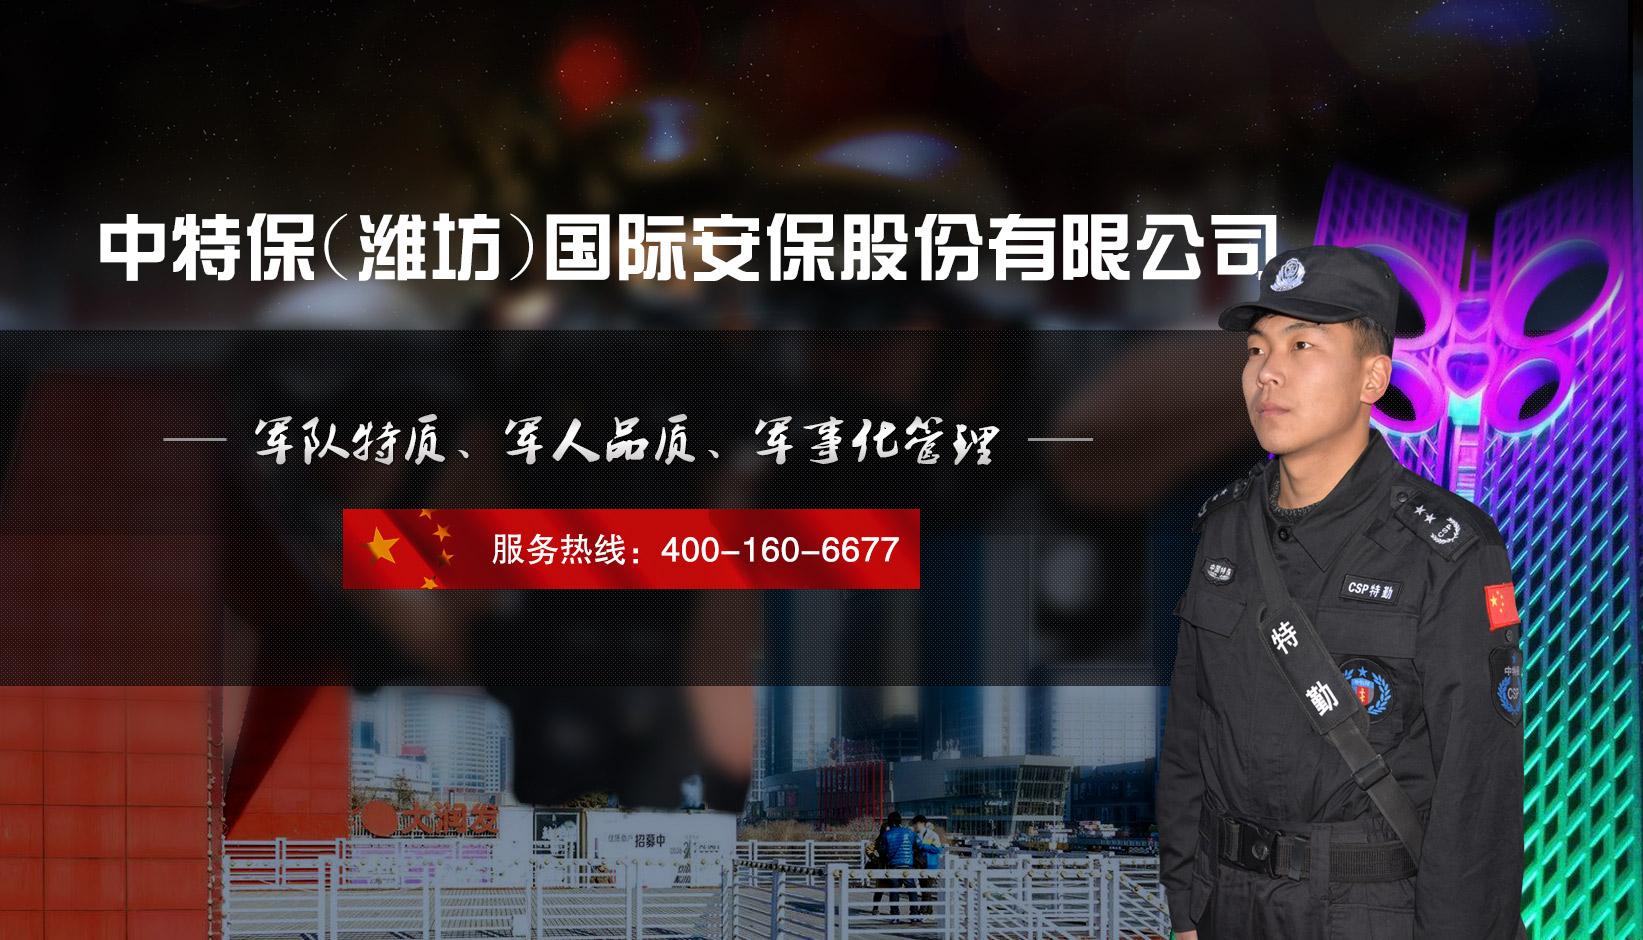 http://www.wfzhongtebao.com/business